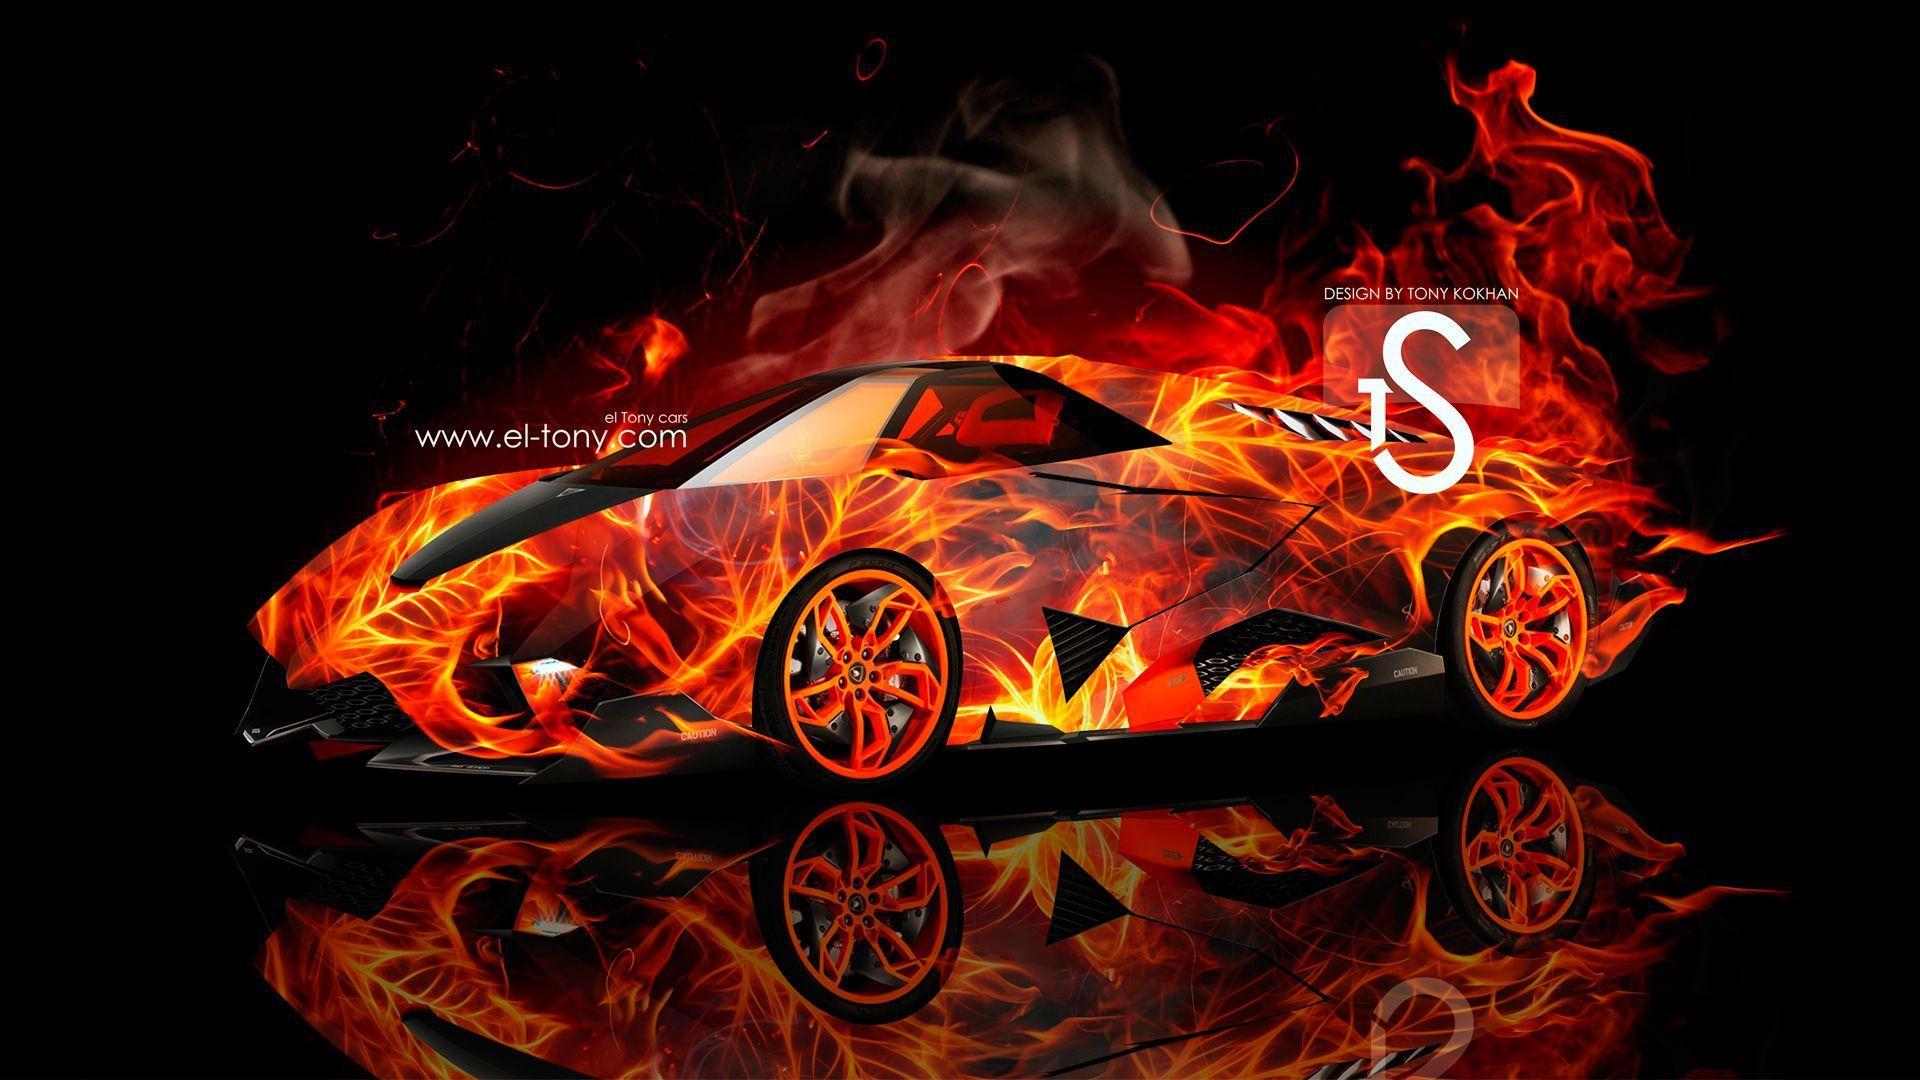 Lamborghini On Fire Wallpapers Top Free Lamborghini On Fire